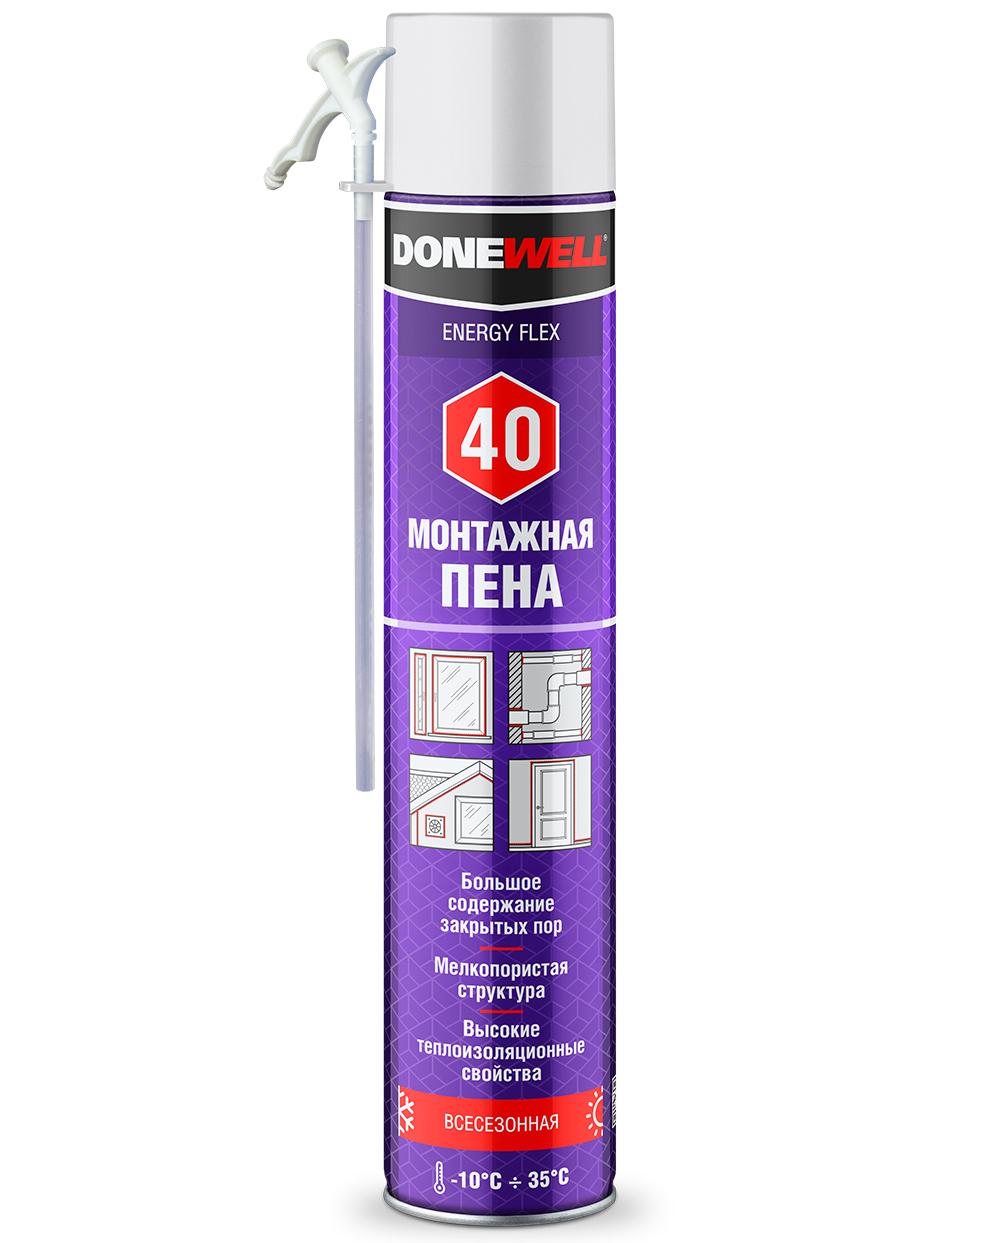 Пена полиуретановая монтажная бытовая всесезонная DONEWELL ENERGY FLEX 40 DPH10U40